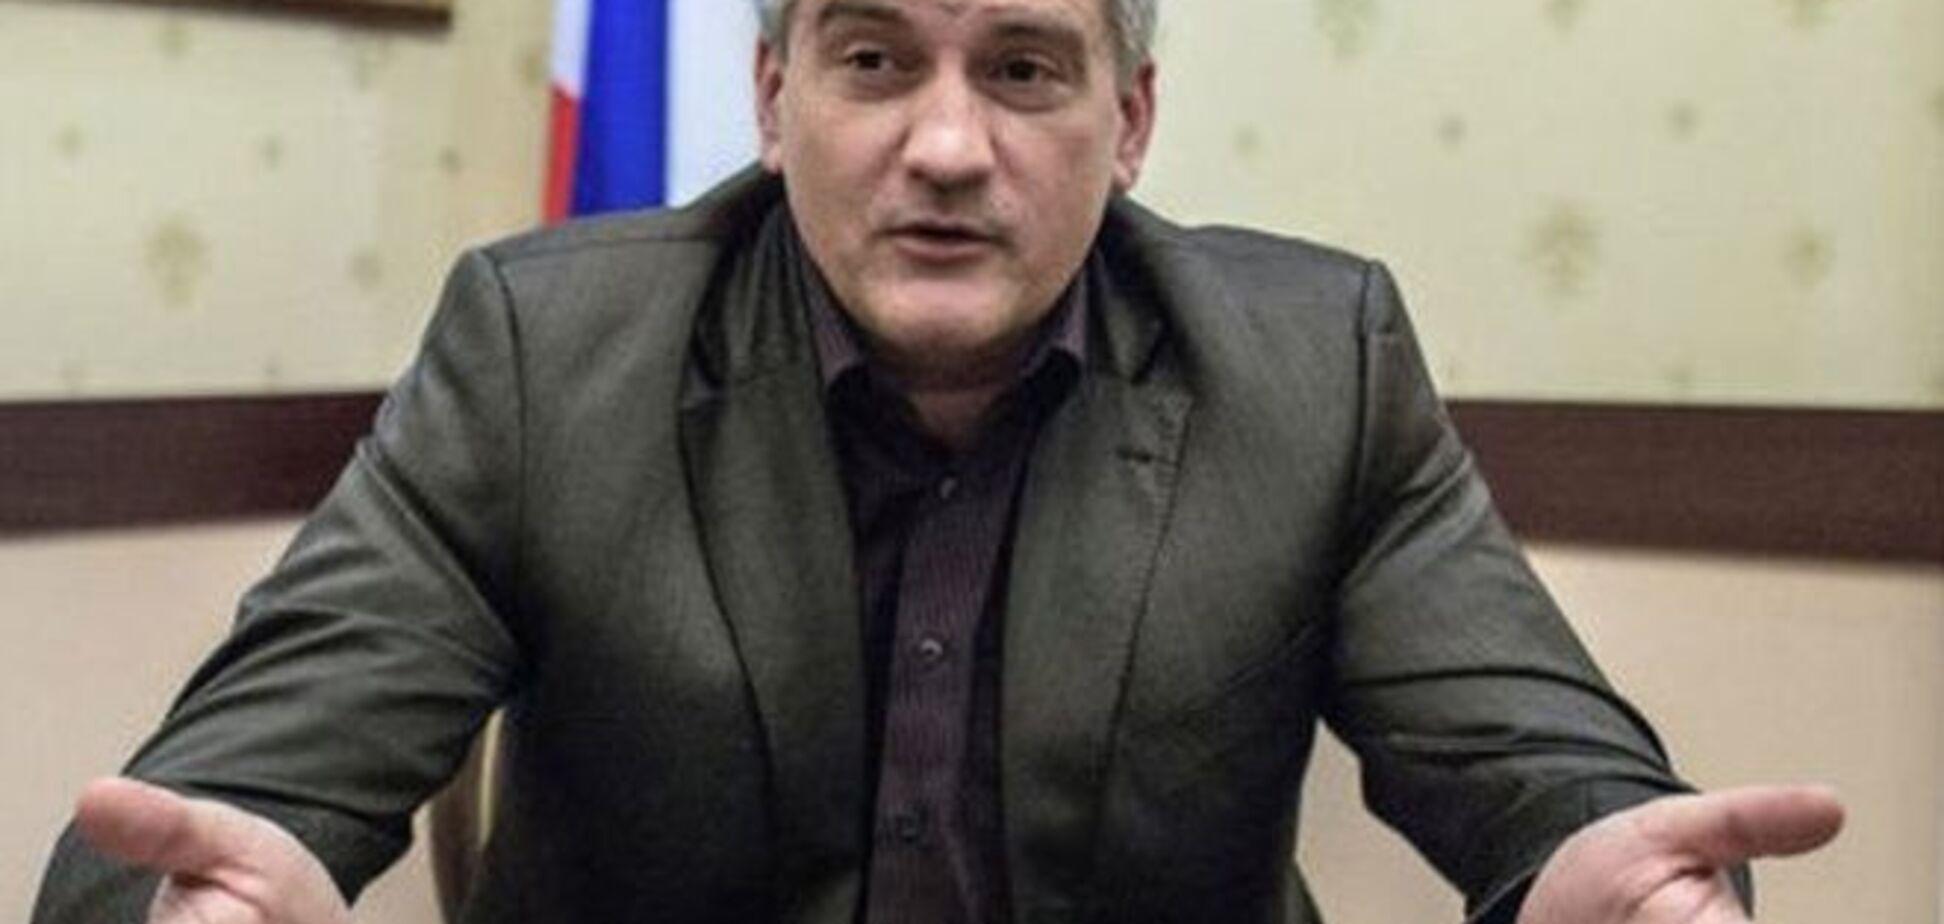 Аксенов пожаловался, что крымчане массово увольняются и бегут с полуострова из-за мизерной зарплаты